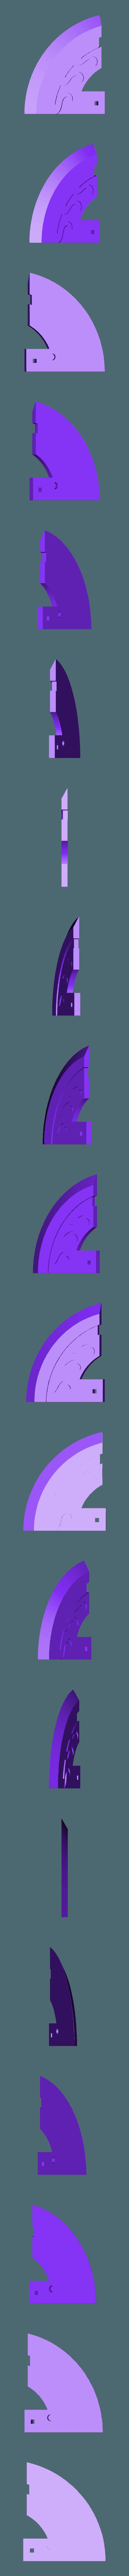 bladeLB.stl Télécharger fichier STL gratuit Hache de main de Norn Guild Wars 2 • Modèle pour imprimante 3D, reakain